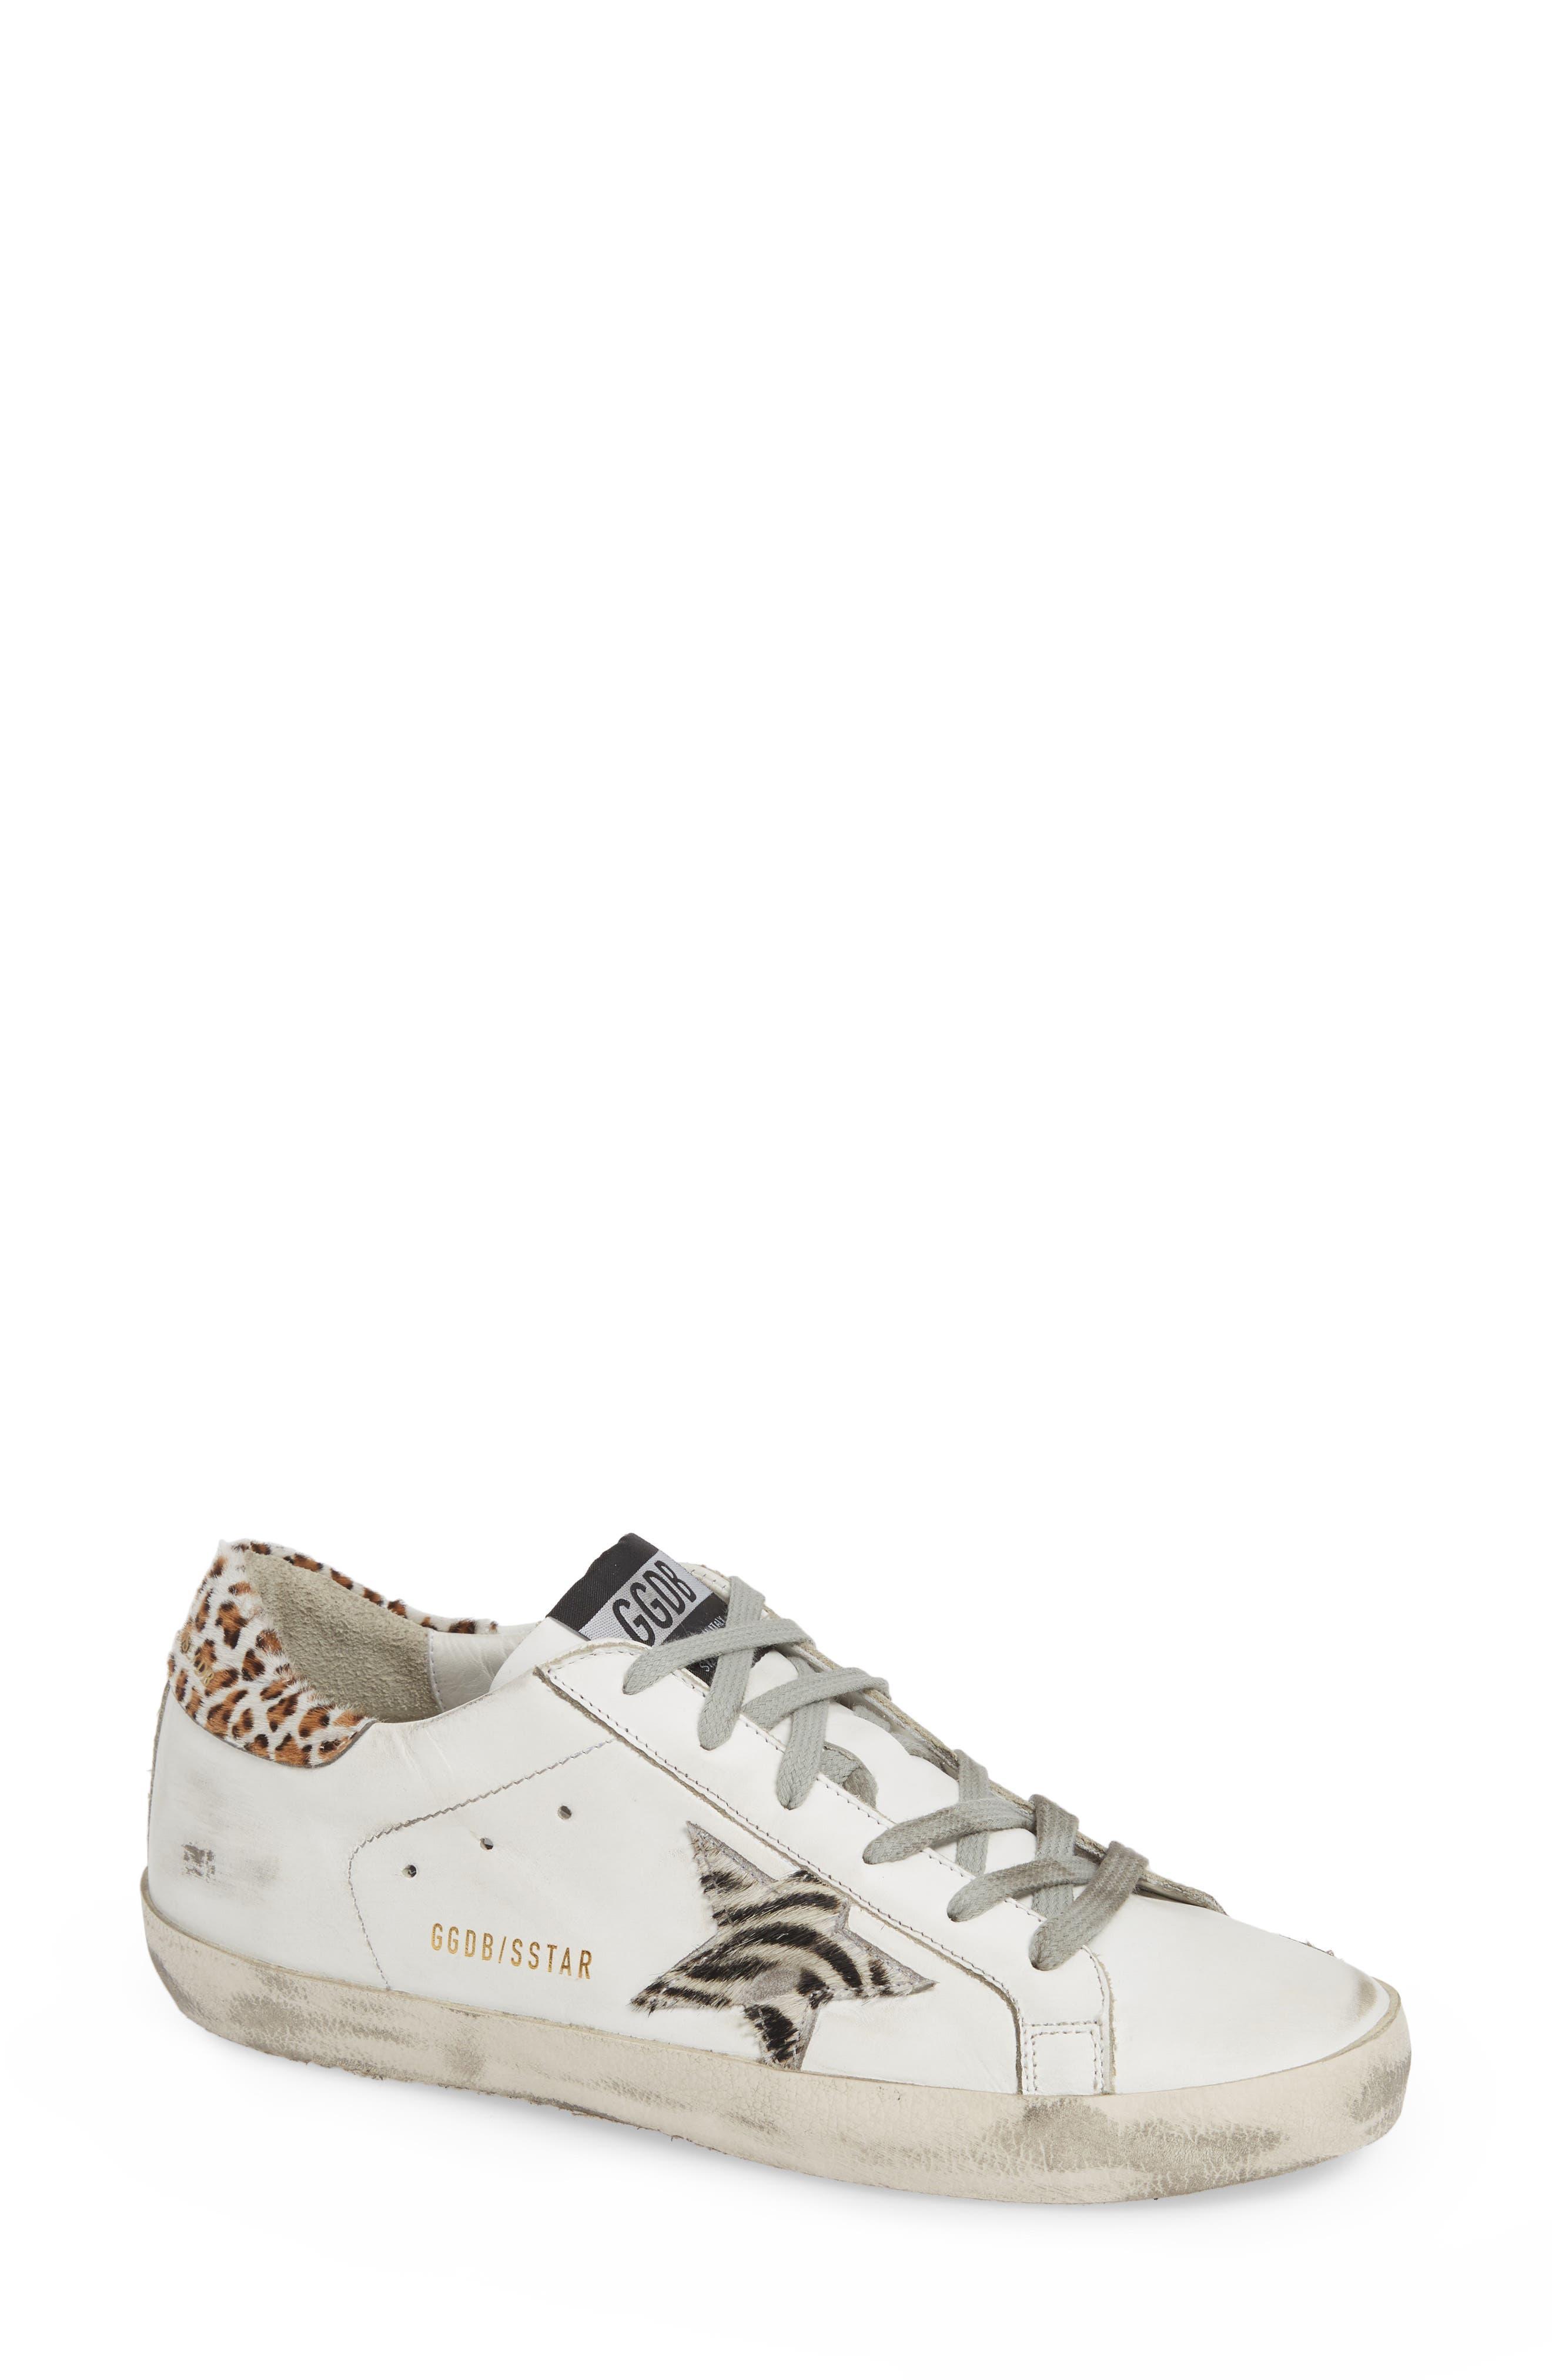 Superstar Genuine Calf Hair Sneaker,                             Main thumbnail 1, color,                             WHITE/ ZEBRA